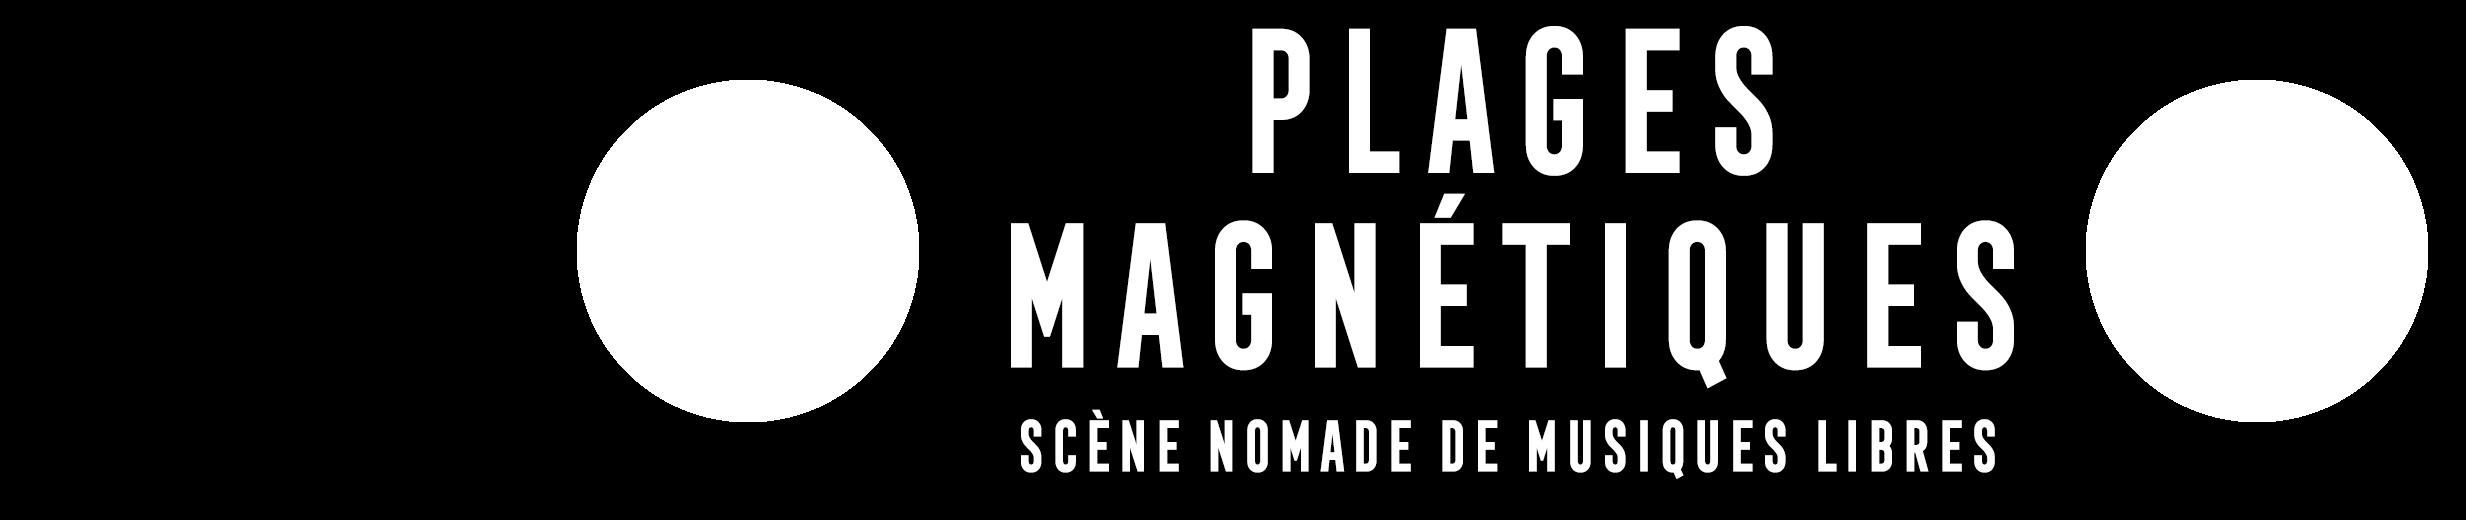 Plages Magnétiques